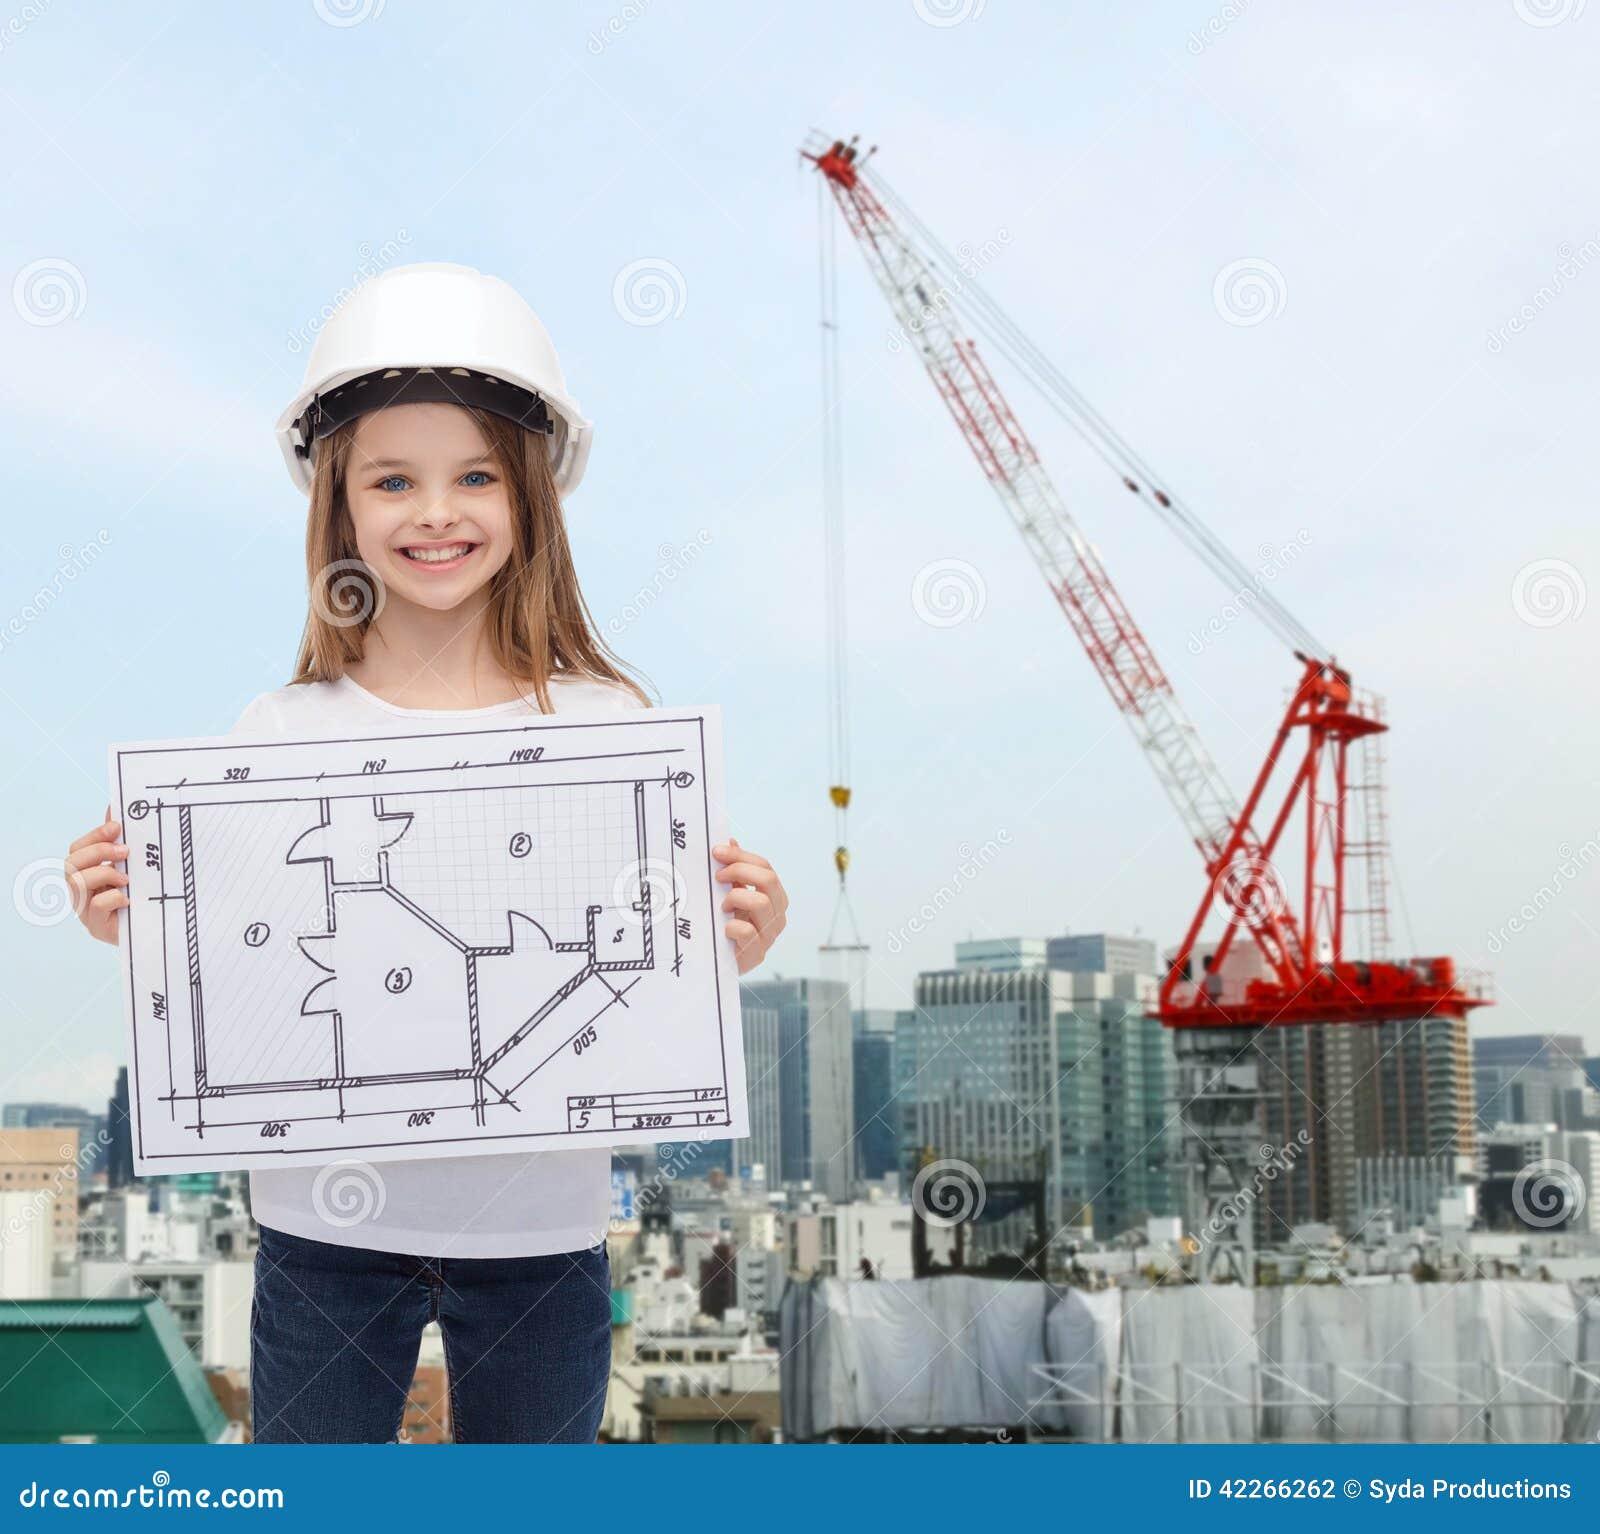 Smiling little girl in helmet showing blueprint